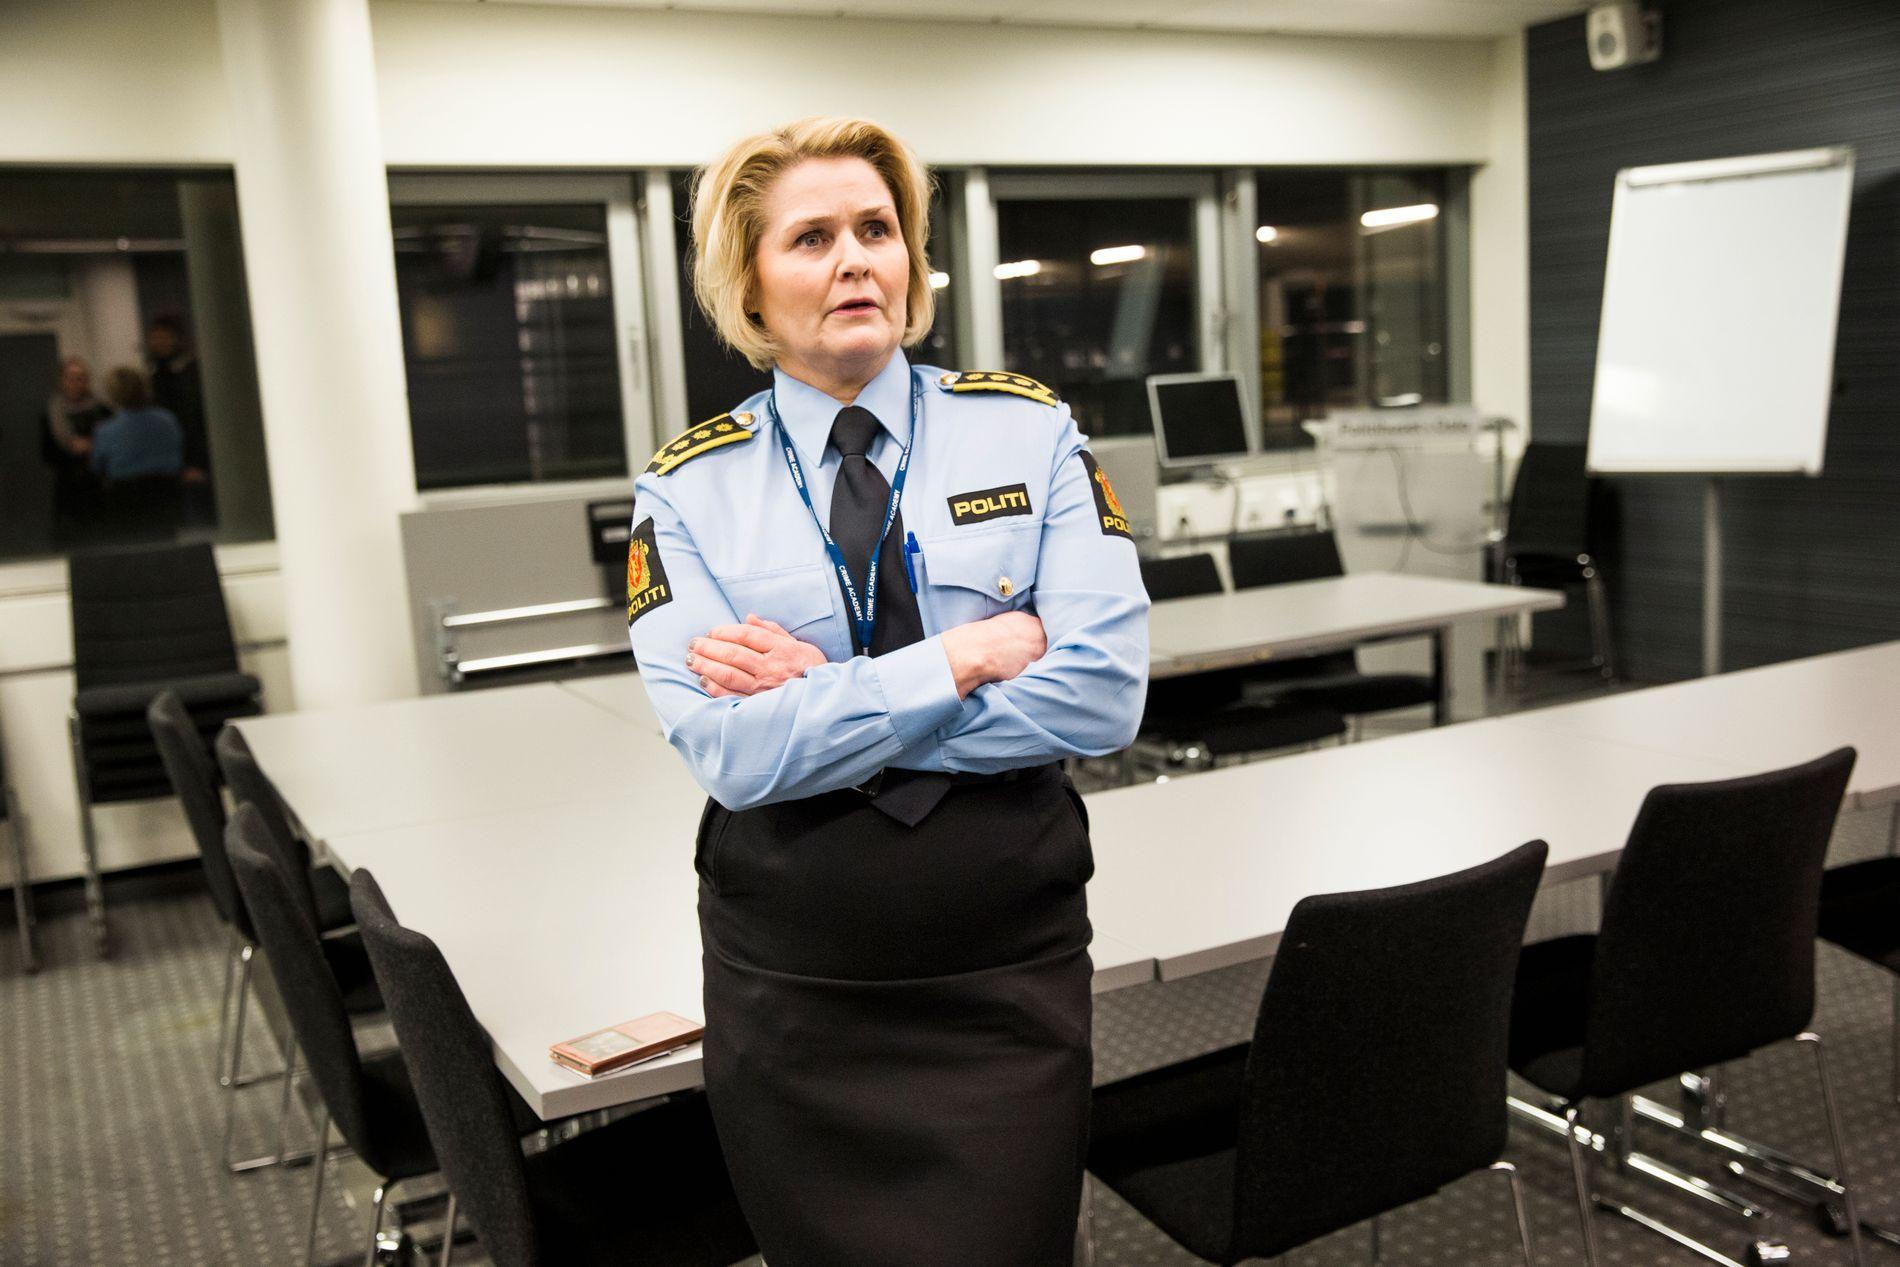 ETTERFORSKER: Politiinspektør Grete Lien Metlid bekrefter at vil etterforske det som kommer frem i VGs avsløring.